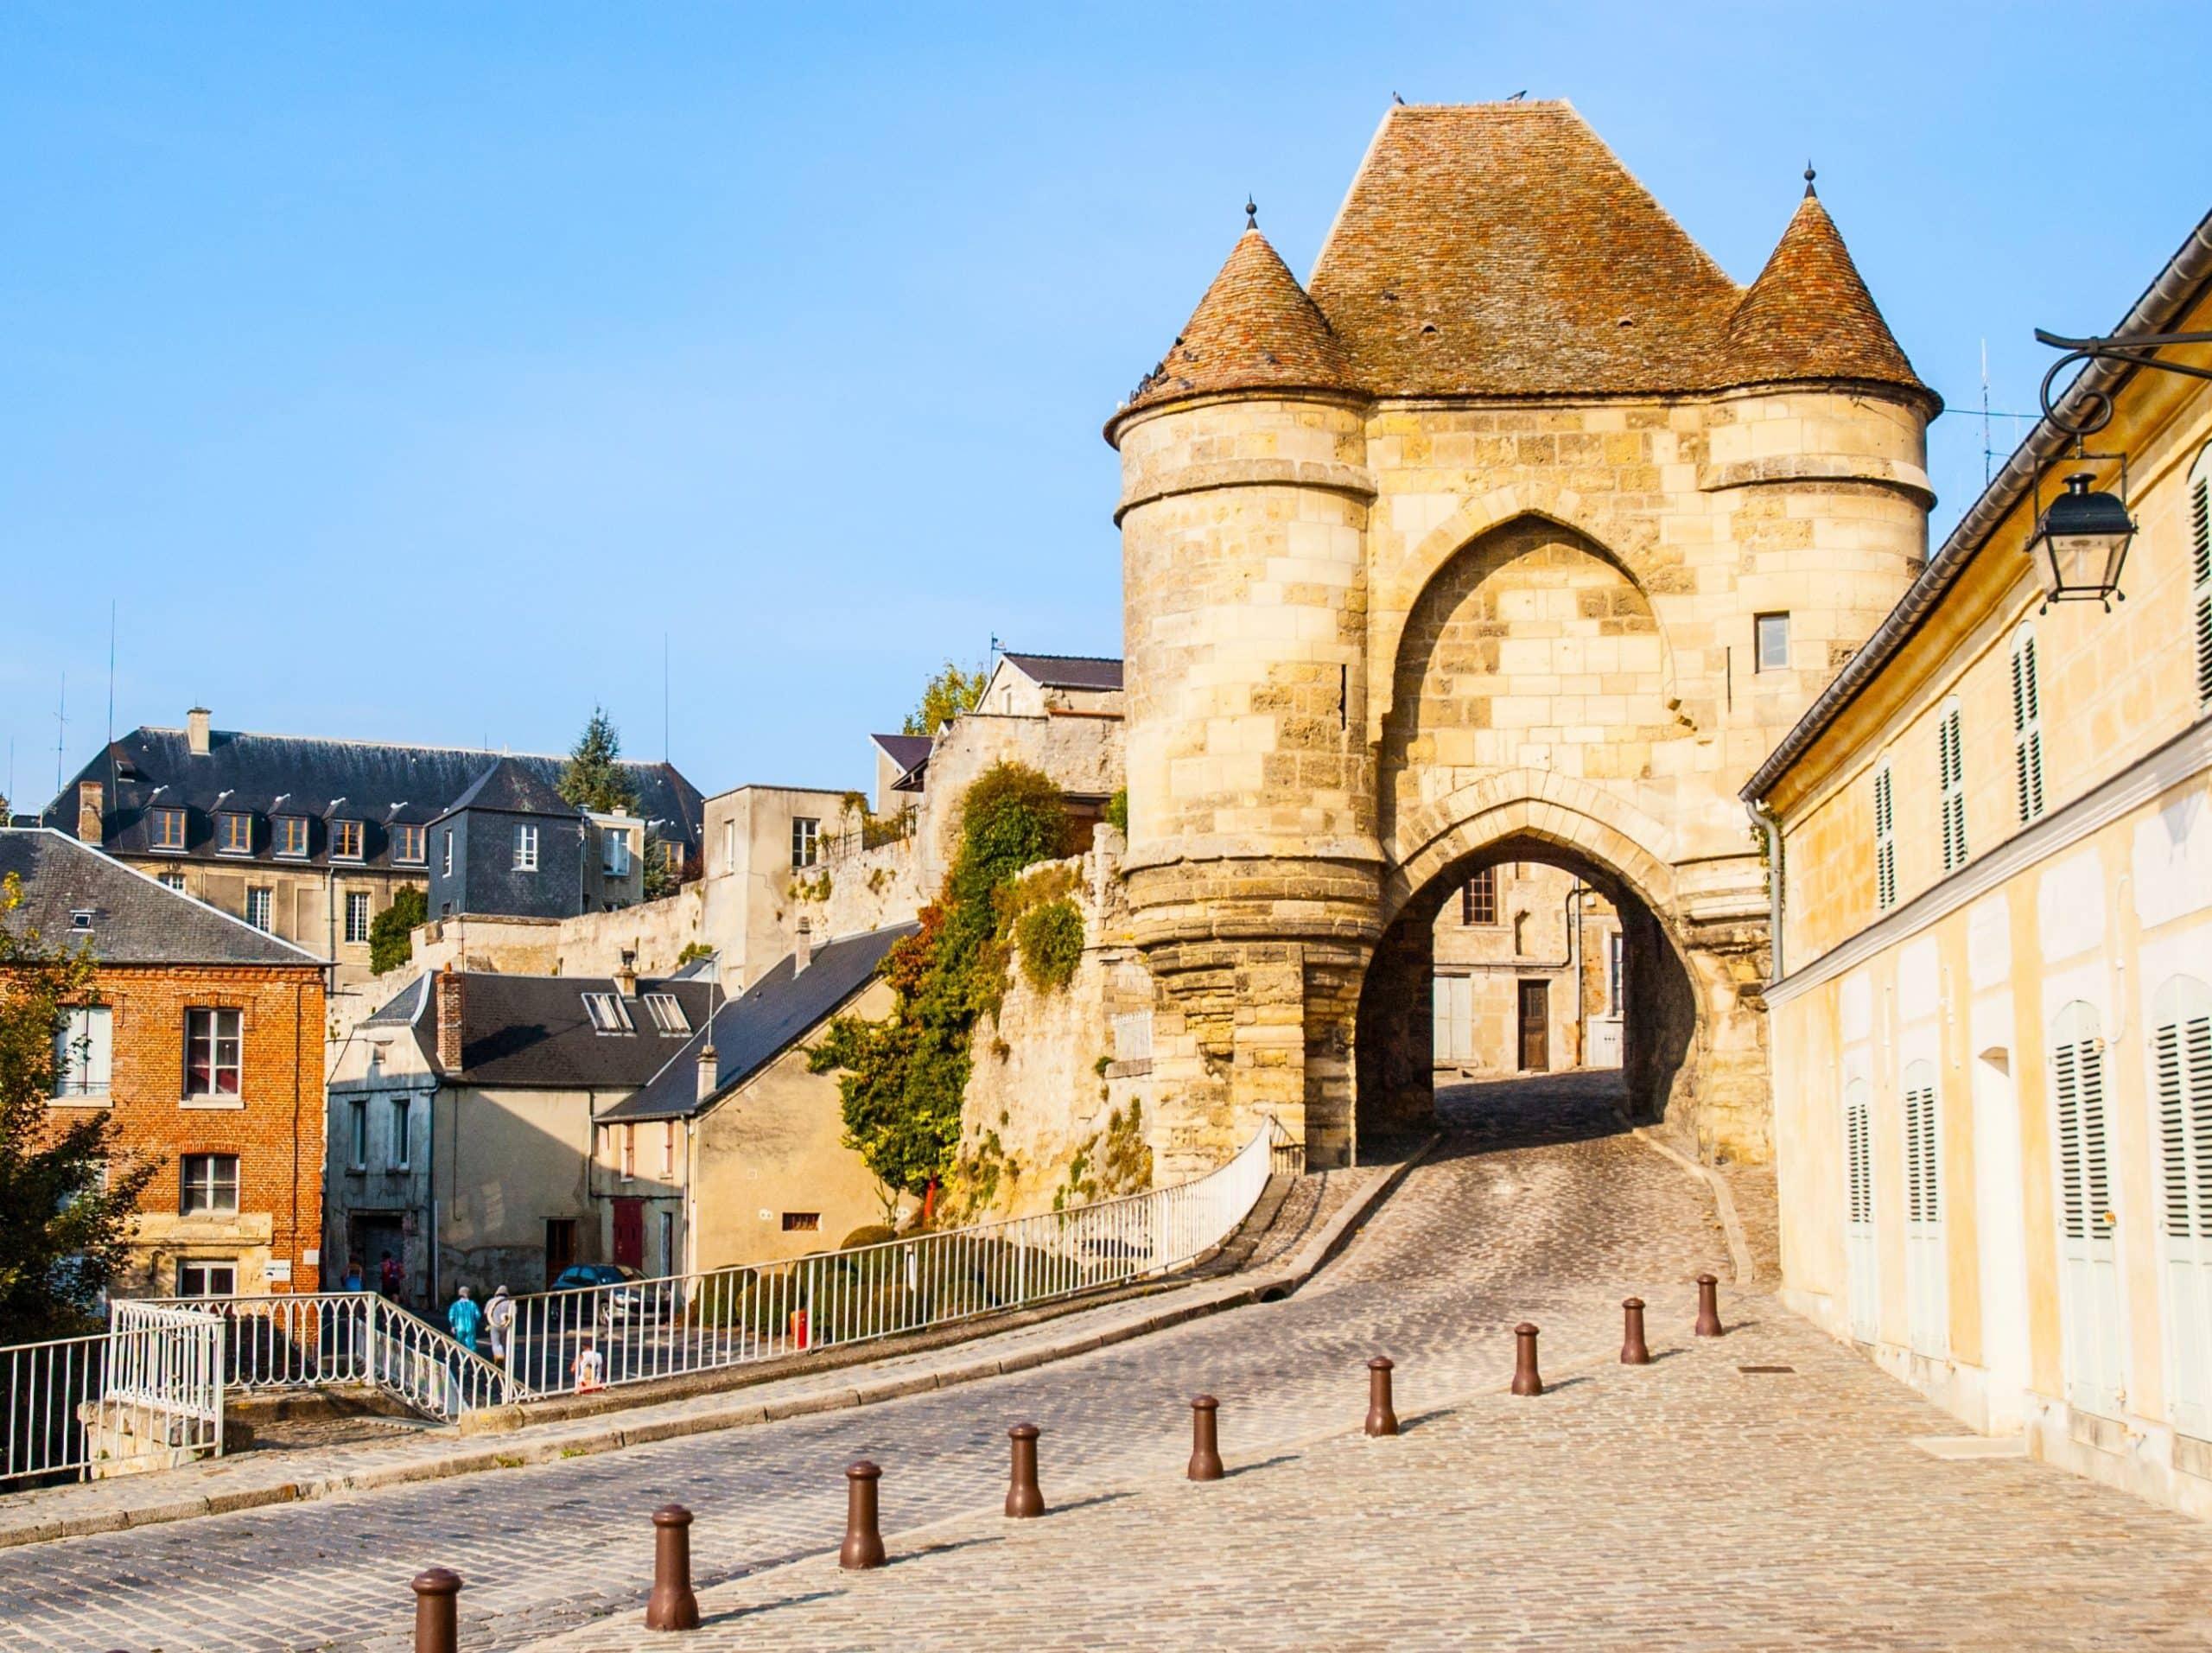 visiter Aisne - Rempart Laon